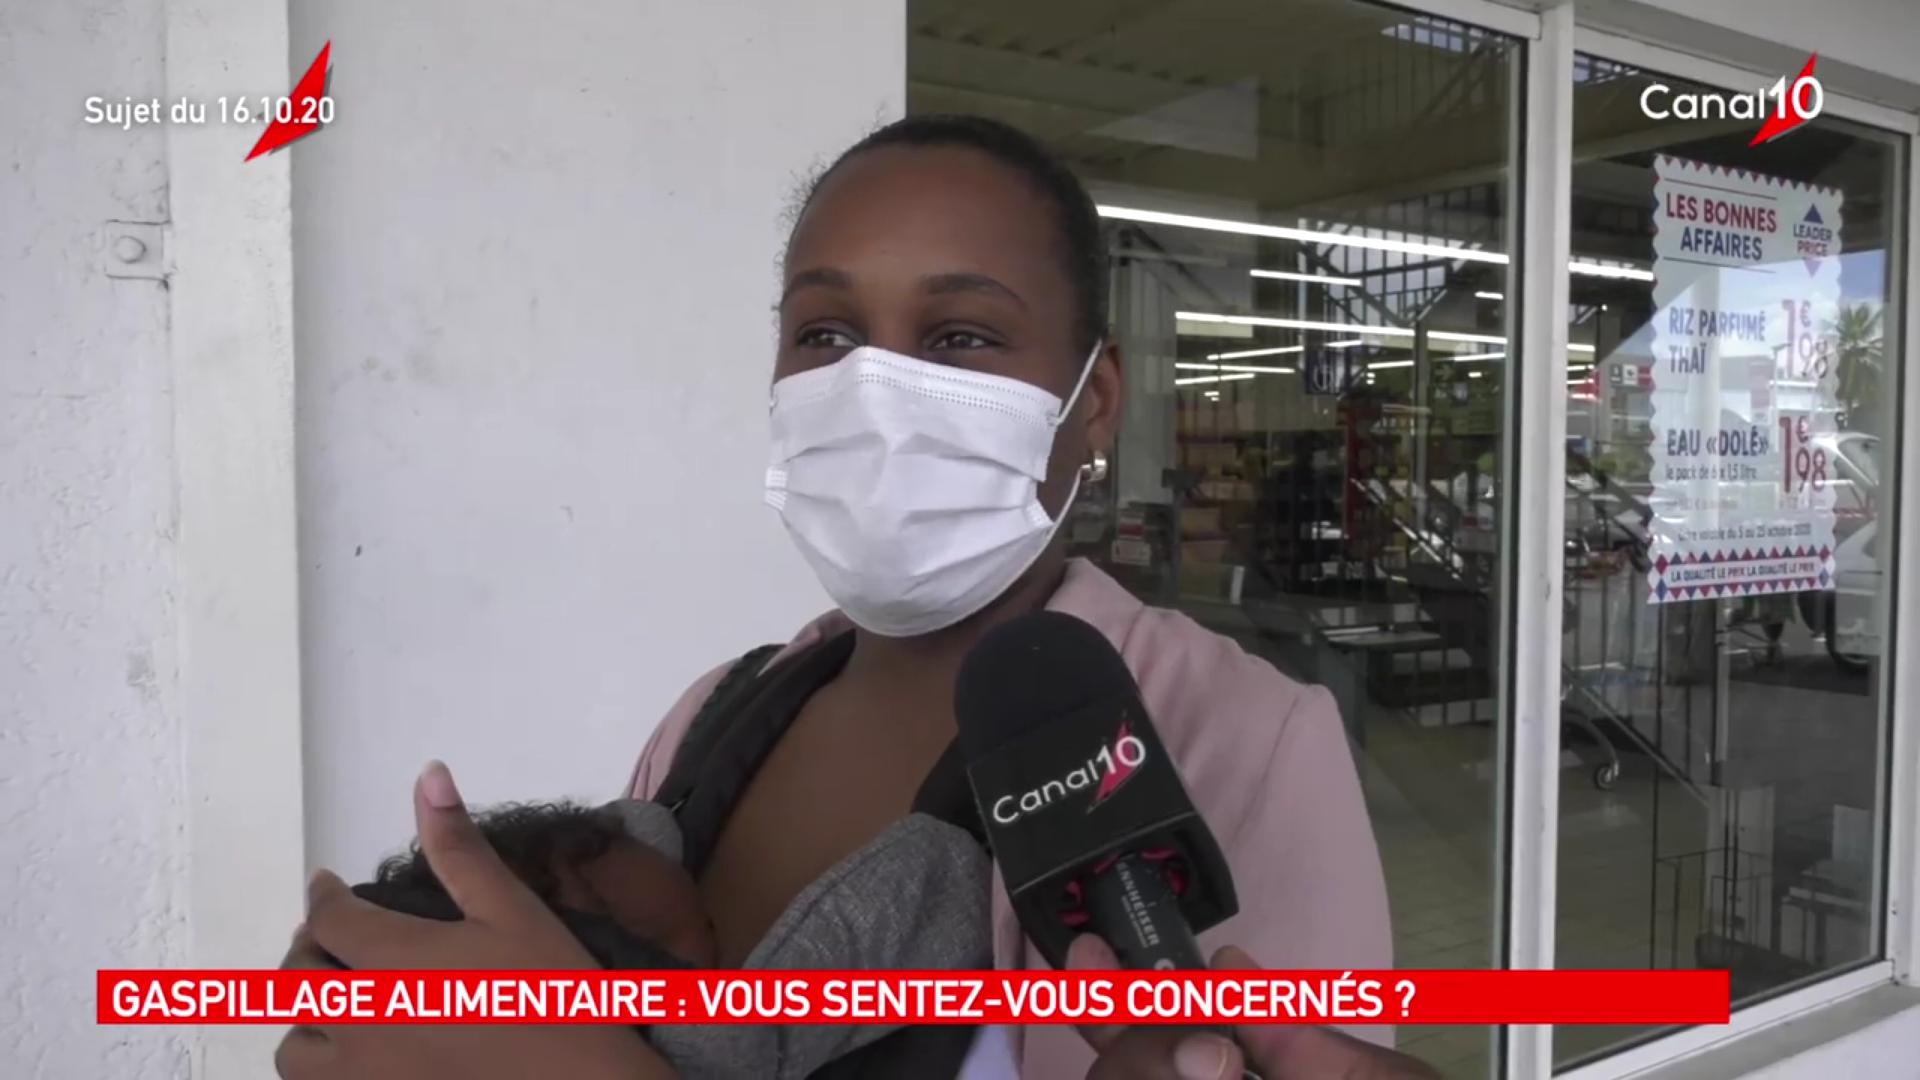 [Vidéo] Onews Guadeloupe.Micro Trottoir sur la la journée alimentaire (canal 10 )